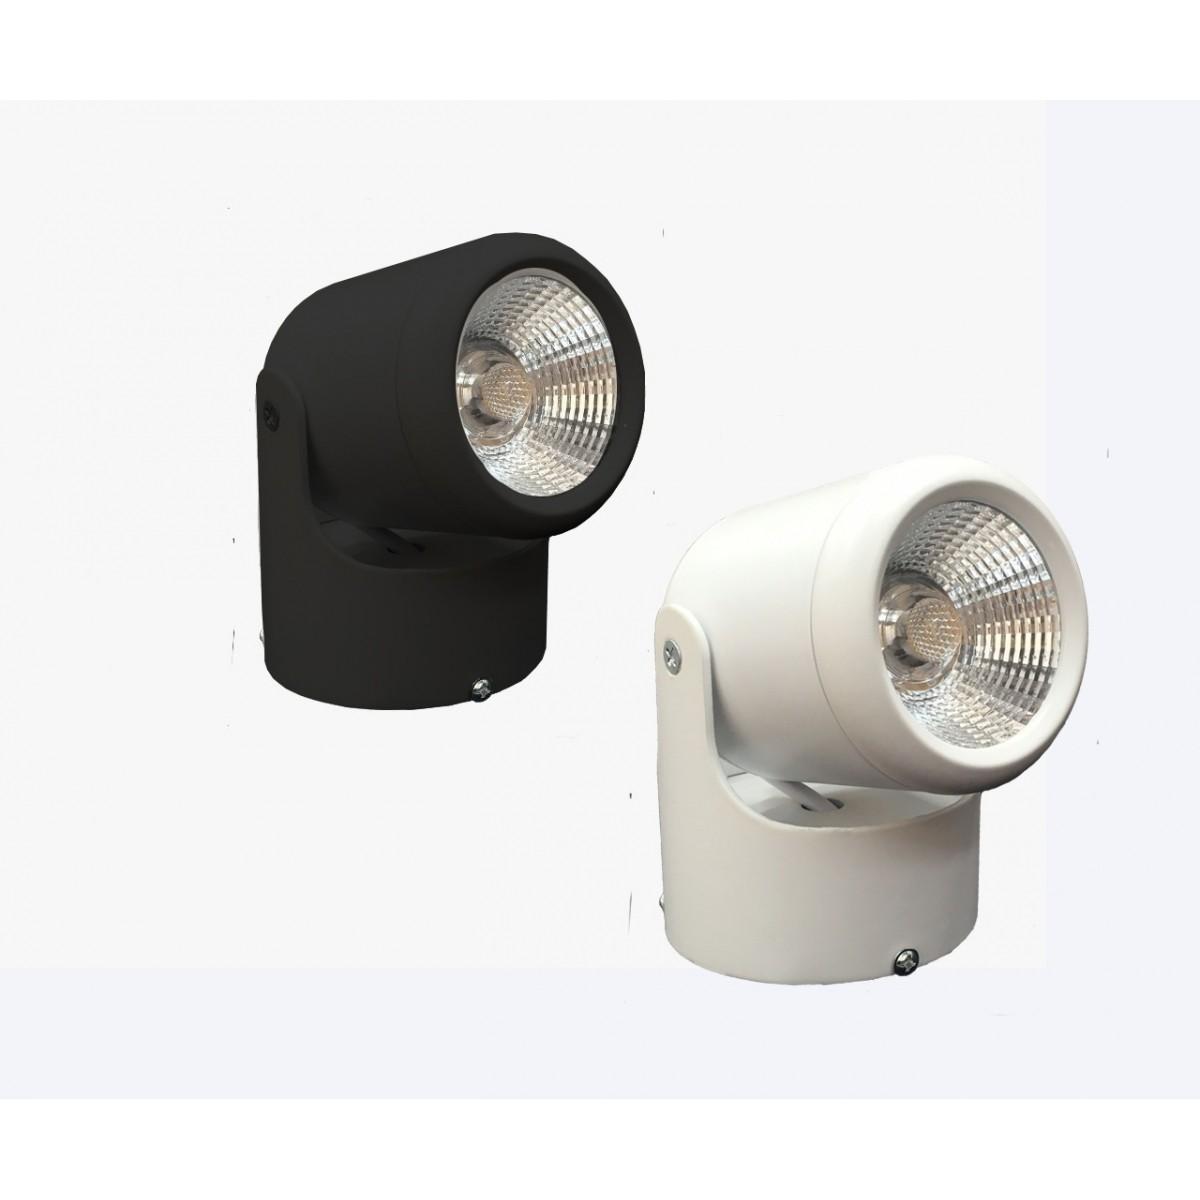 spot led projetor sobrepor 9w direcion vel bivolt. Black Bedroom Furniture Sets. Home Design Ideas